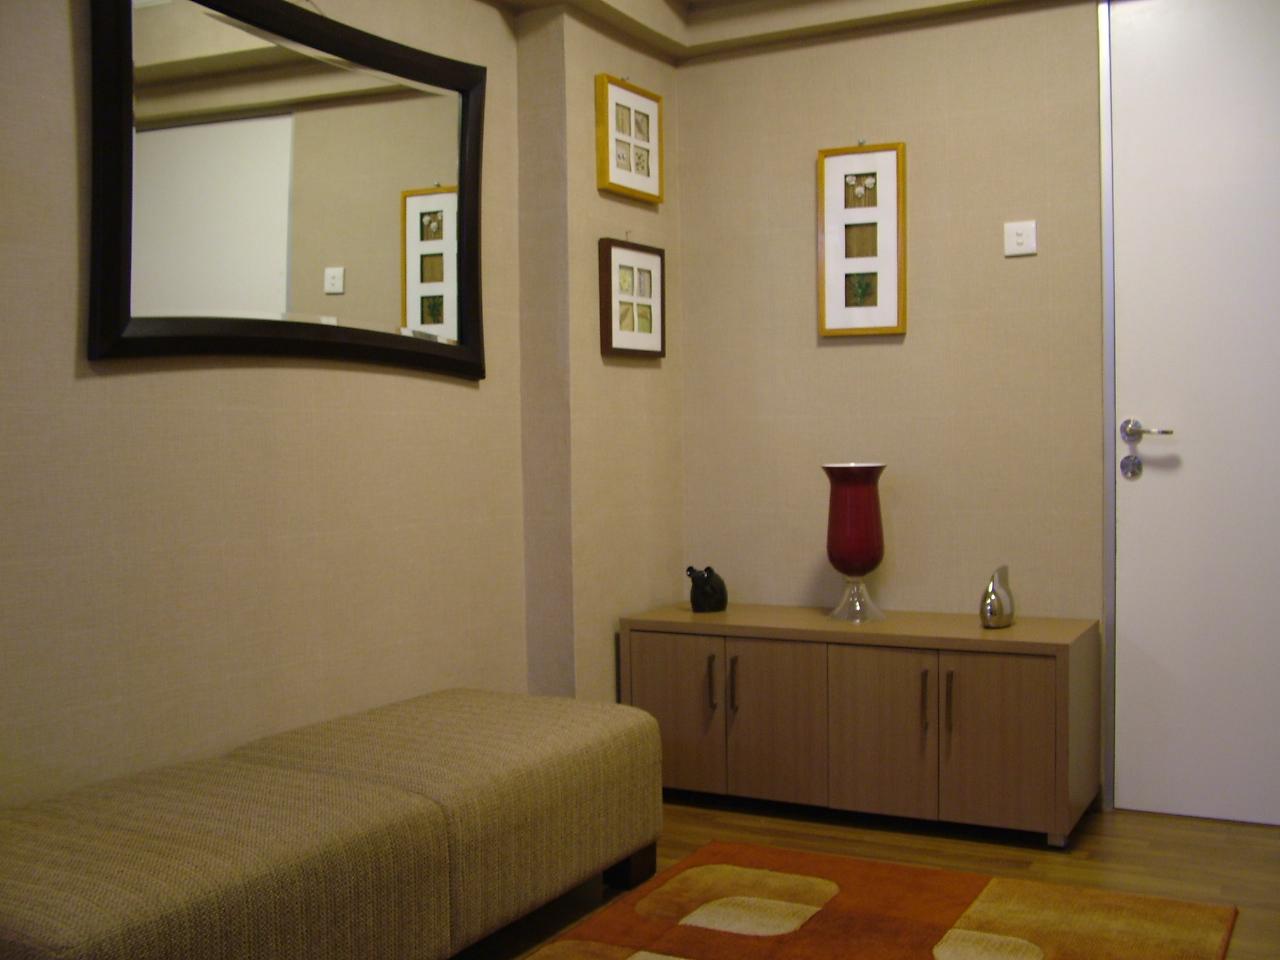 Harga Desain Apartemen 2 Kamar Gambar Desain Rumah Minimalis